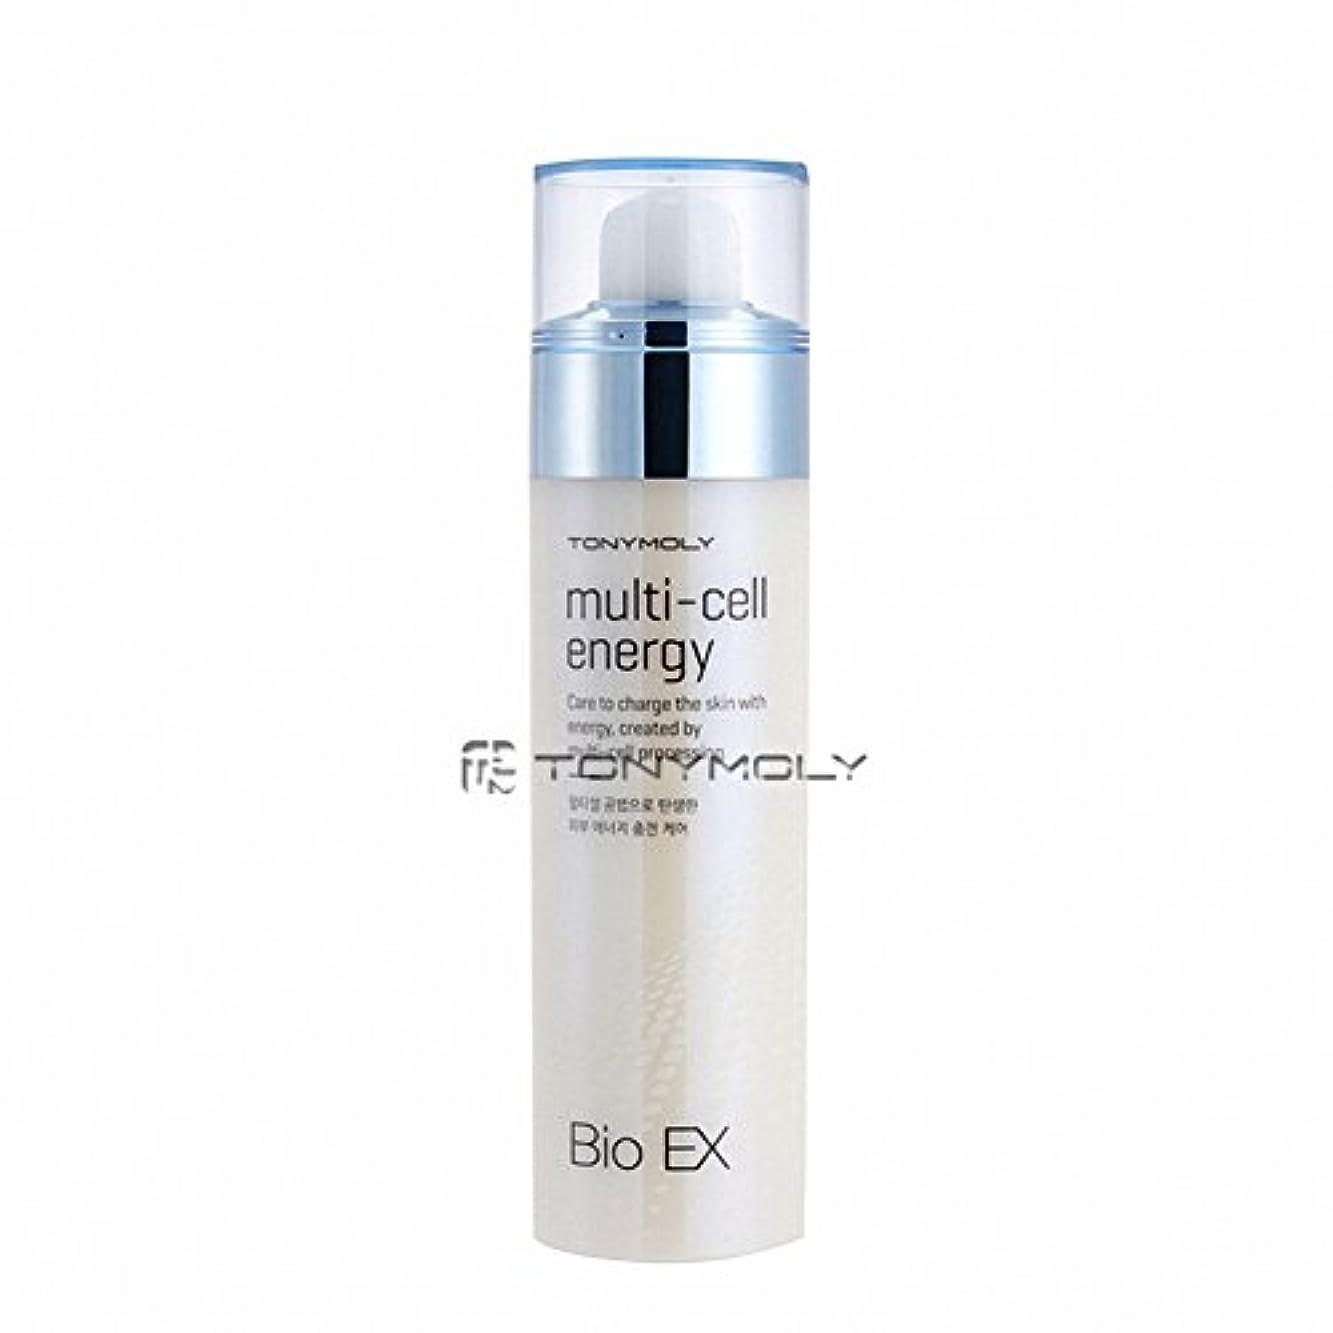 不健康コロニアル熟達したトニーモリー TONYMOLY Bio EX Multi-Cell Energy 120ml トニーモリー バイオEXマルチセルエネルギー 韓國直送 [並行輸入品]